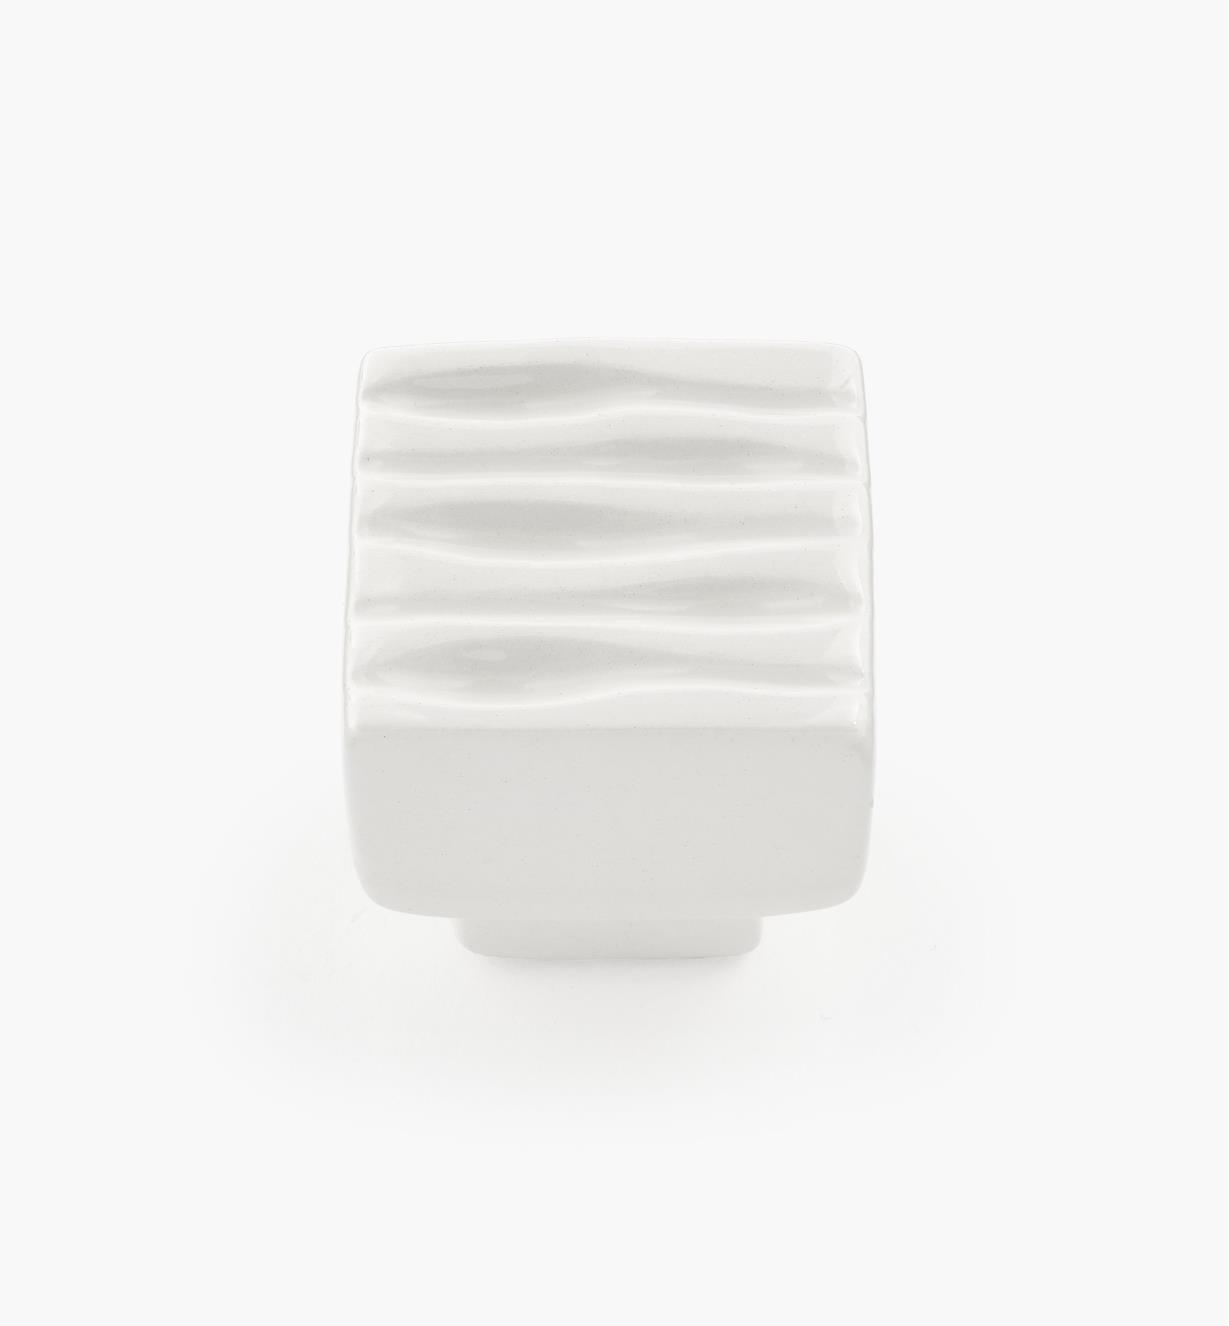 01W0530 - Ibiza Hardware - Square Knob